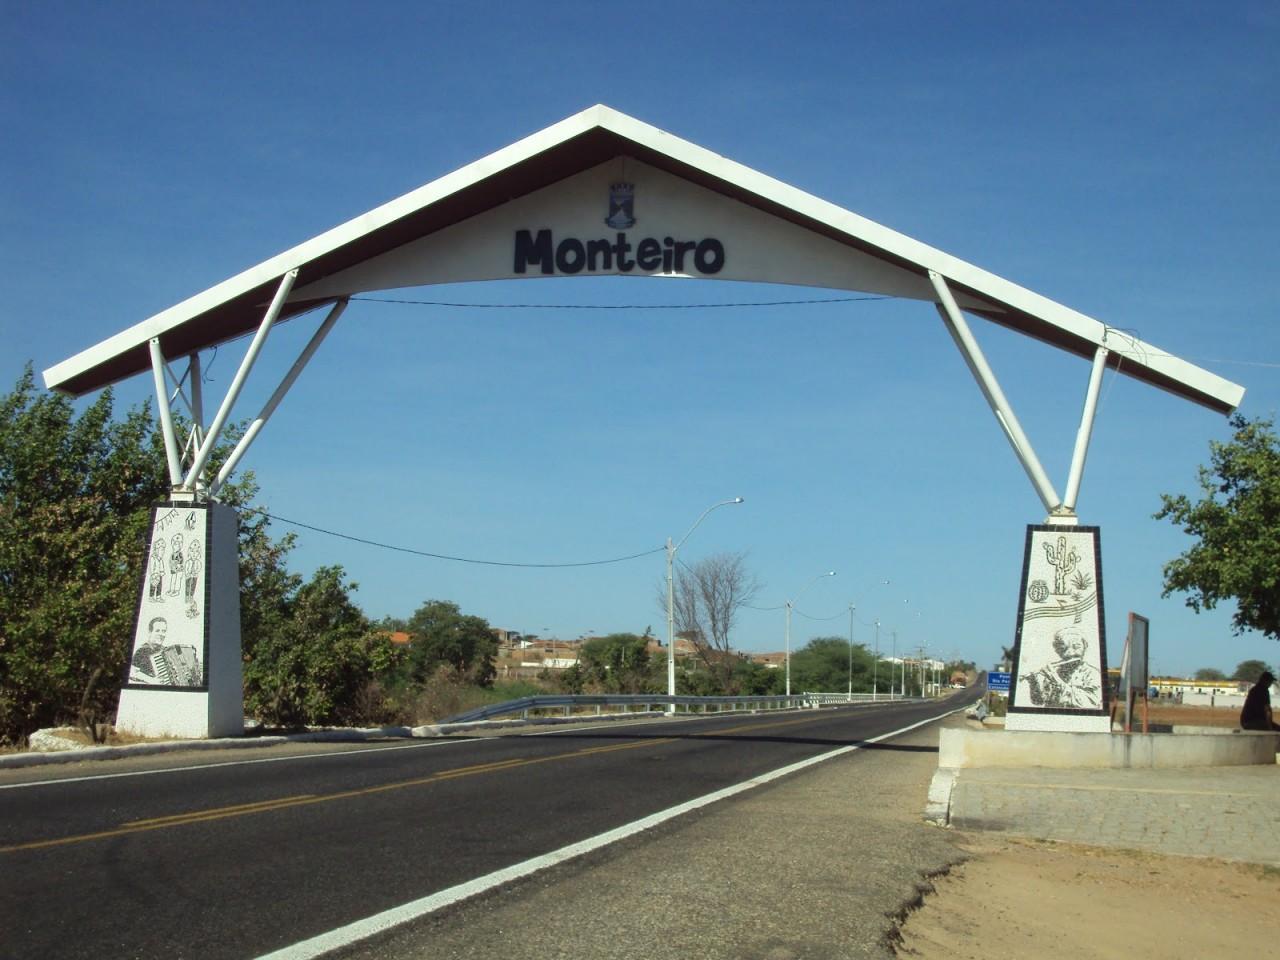 Portico Monteiro - Monteiro publica novo decreto com fechamento de bares, restaurantes e academias e toque de recolher - VEJA MEDIDAS